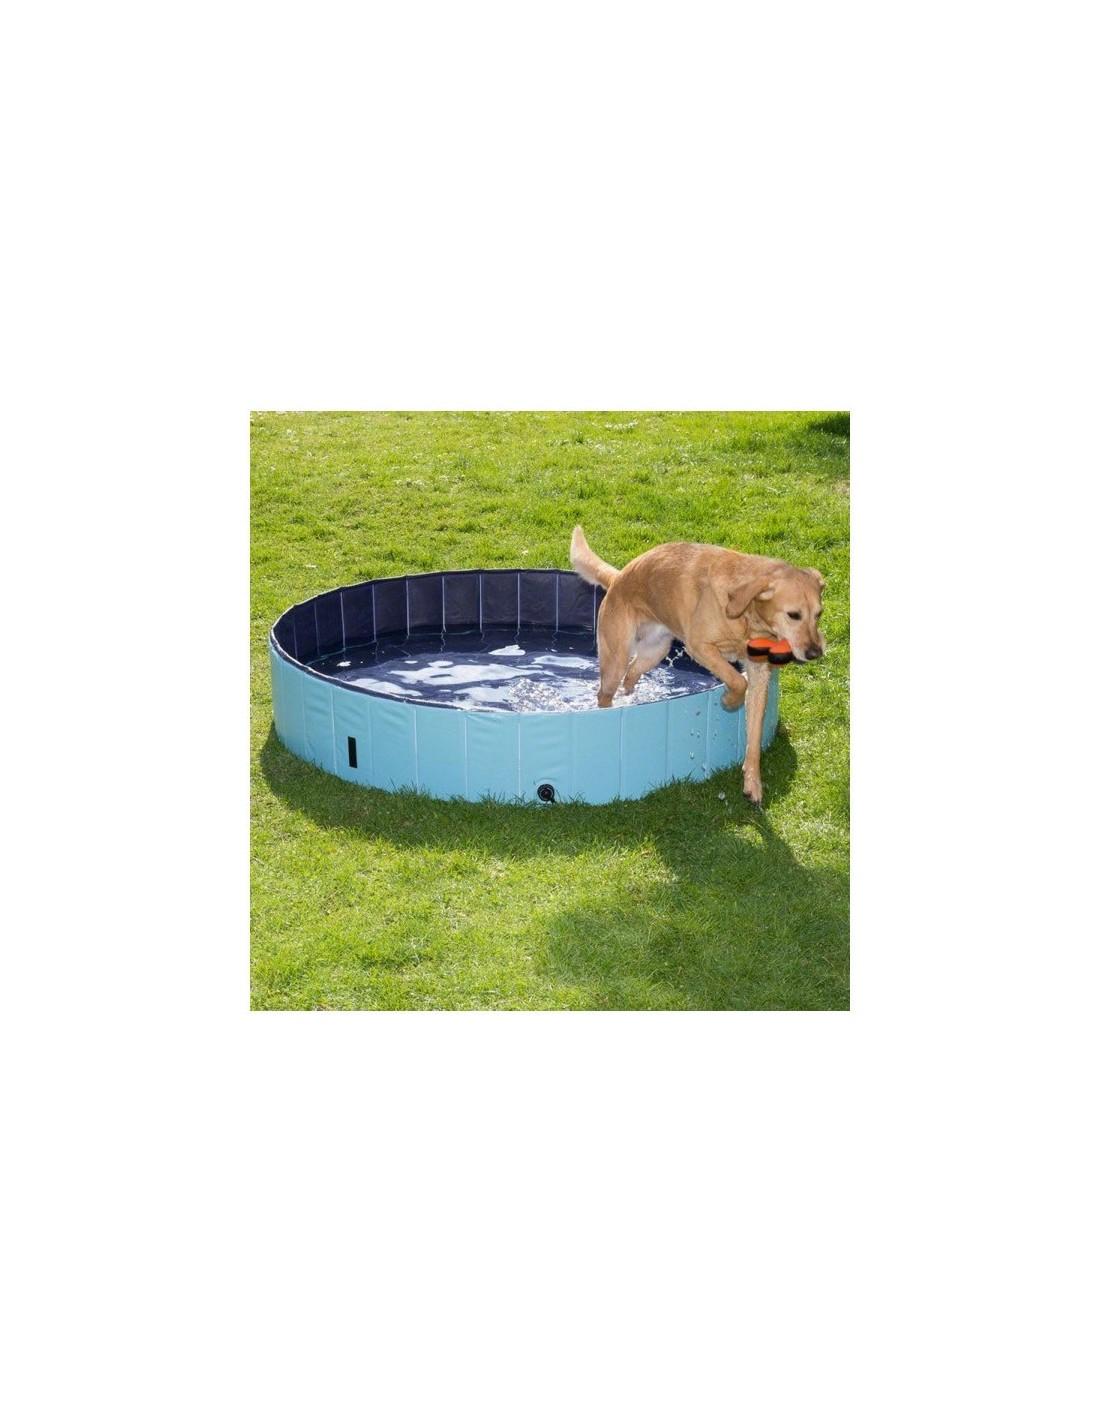 Trixie piscina per cani d 80x20 cm villaggionatura for Piscina x cani milano